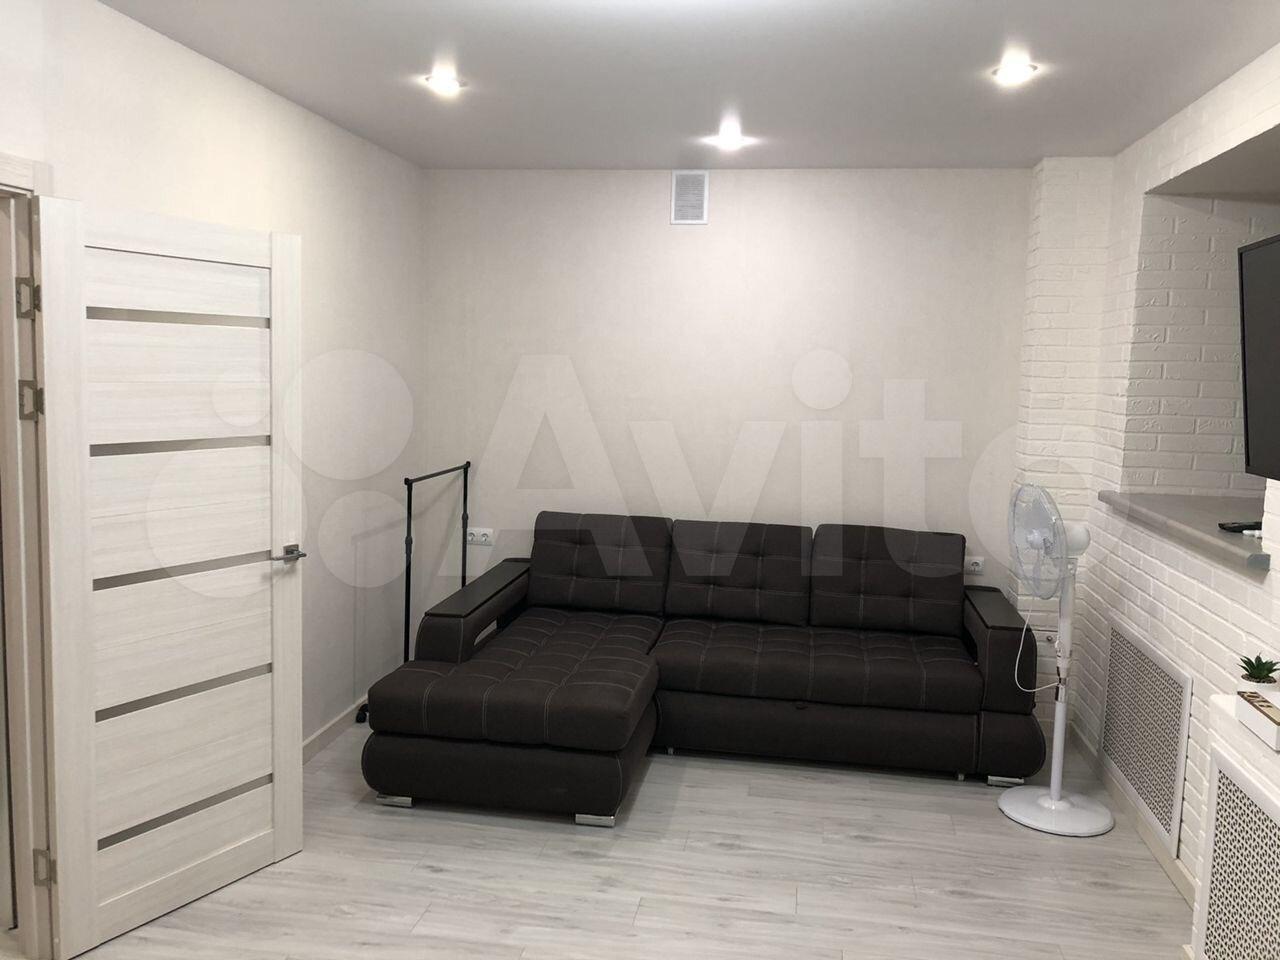 1-к квартира, 41 м², 9/14 эт.  89087178197 купить 1